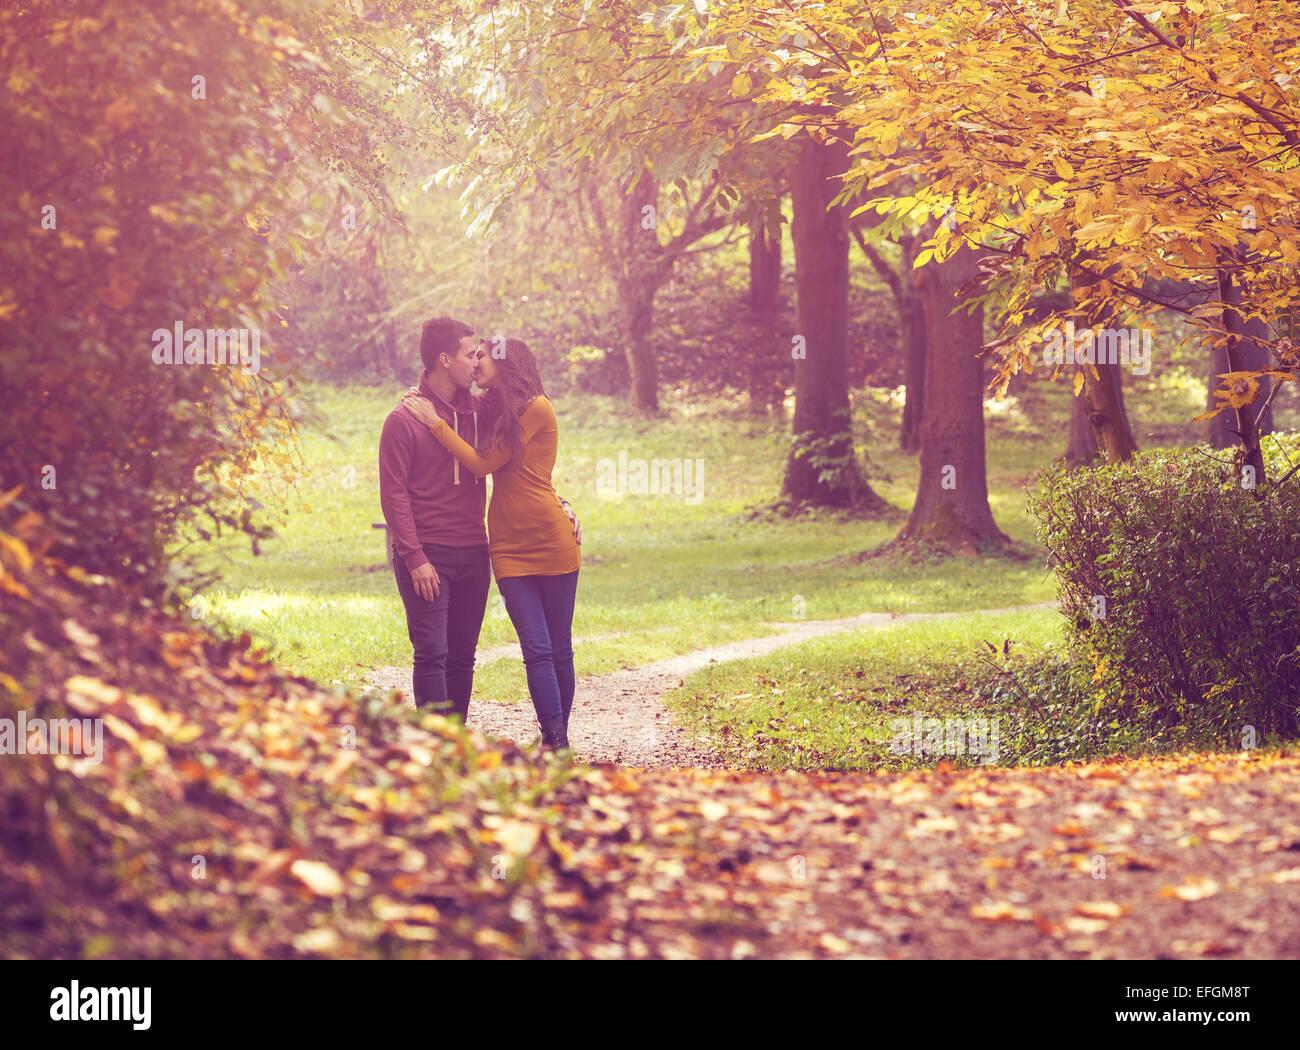 Amour couple en train de marcher dans la forêt d'automne Photo Stock